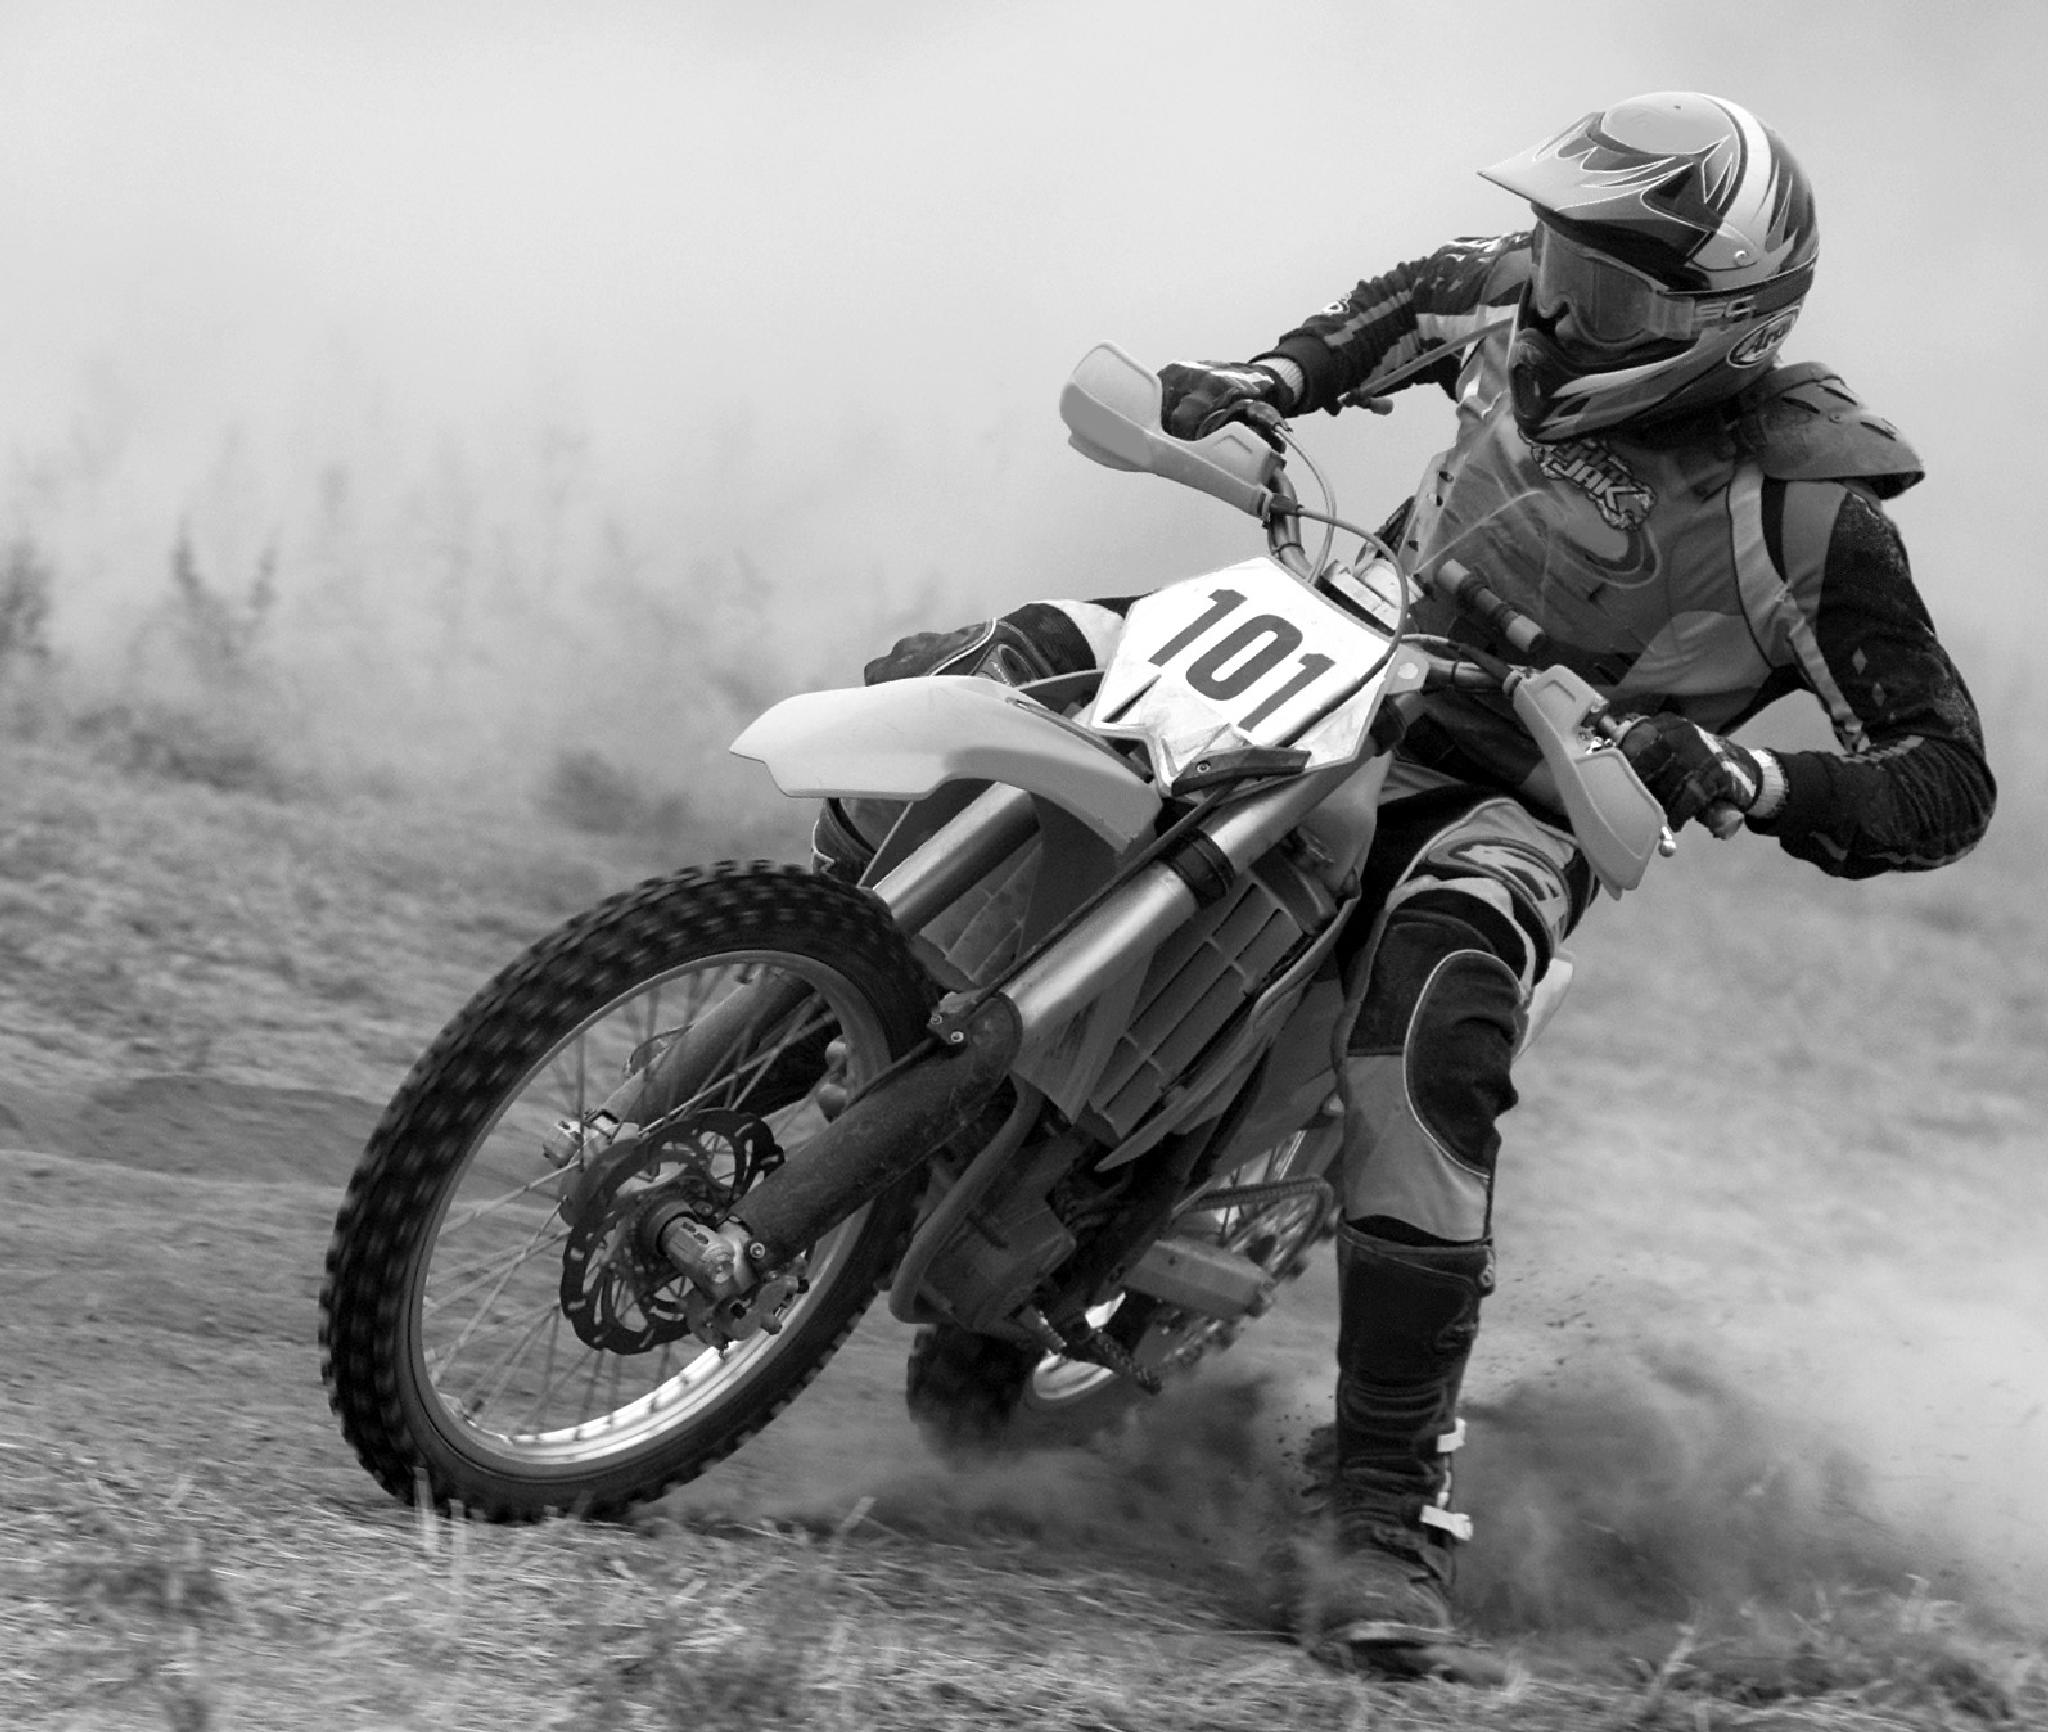 Motocross Racer by Tony Coelho Ramos